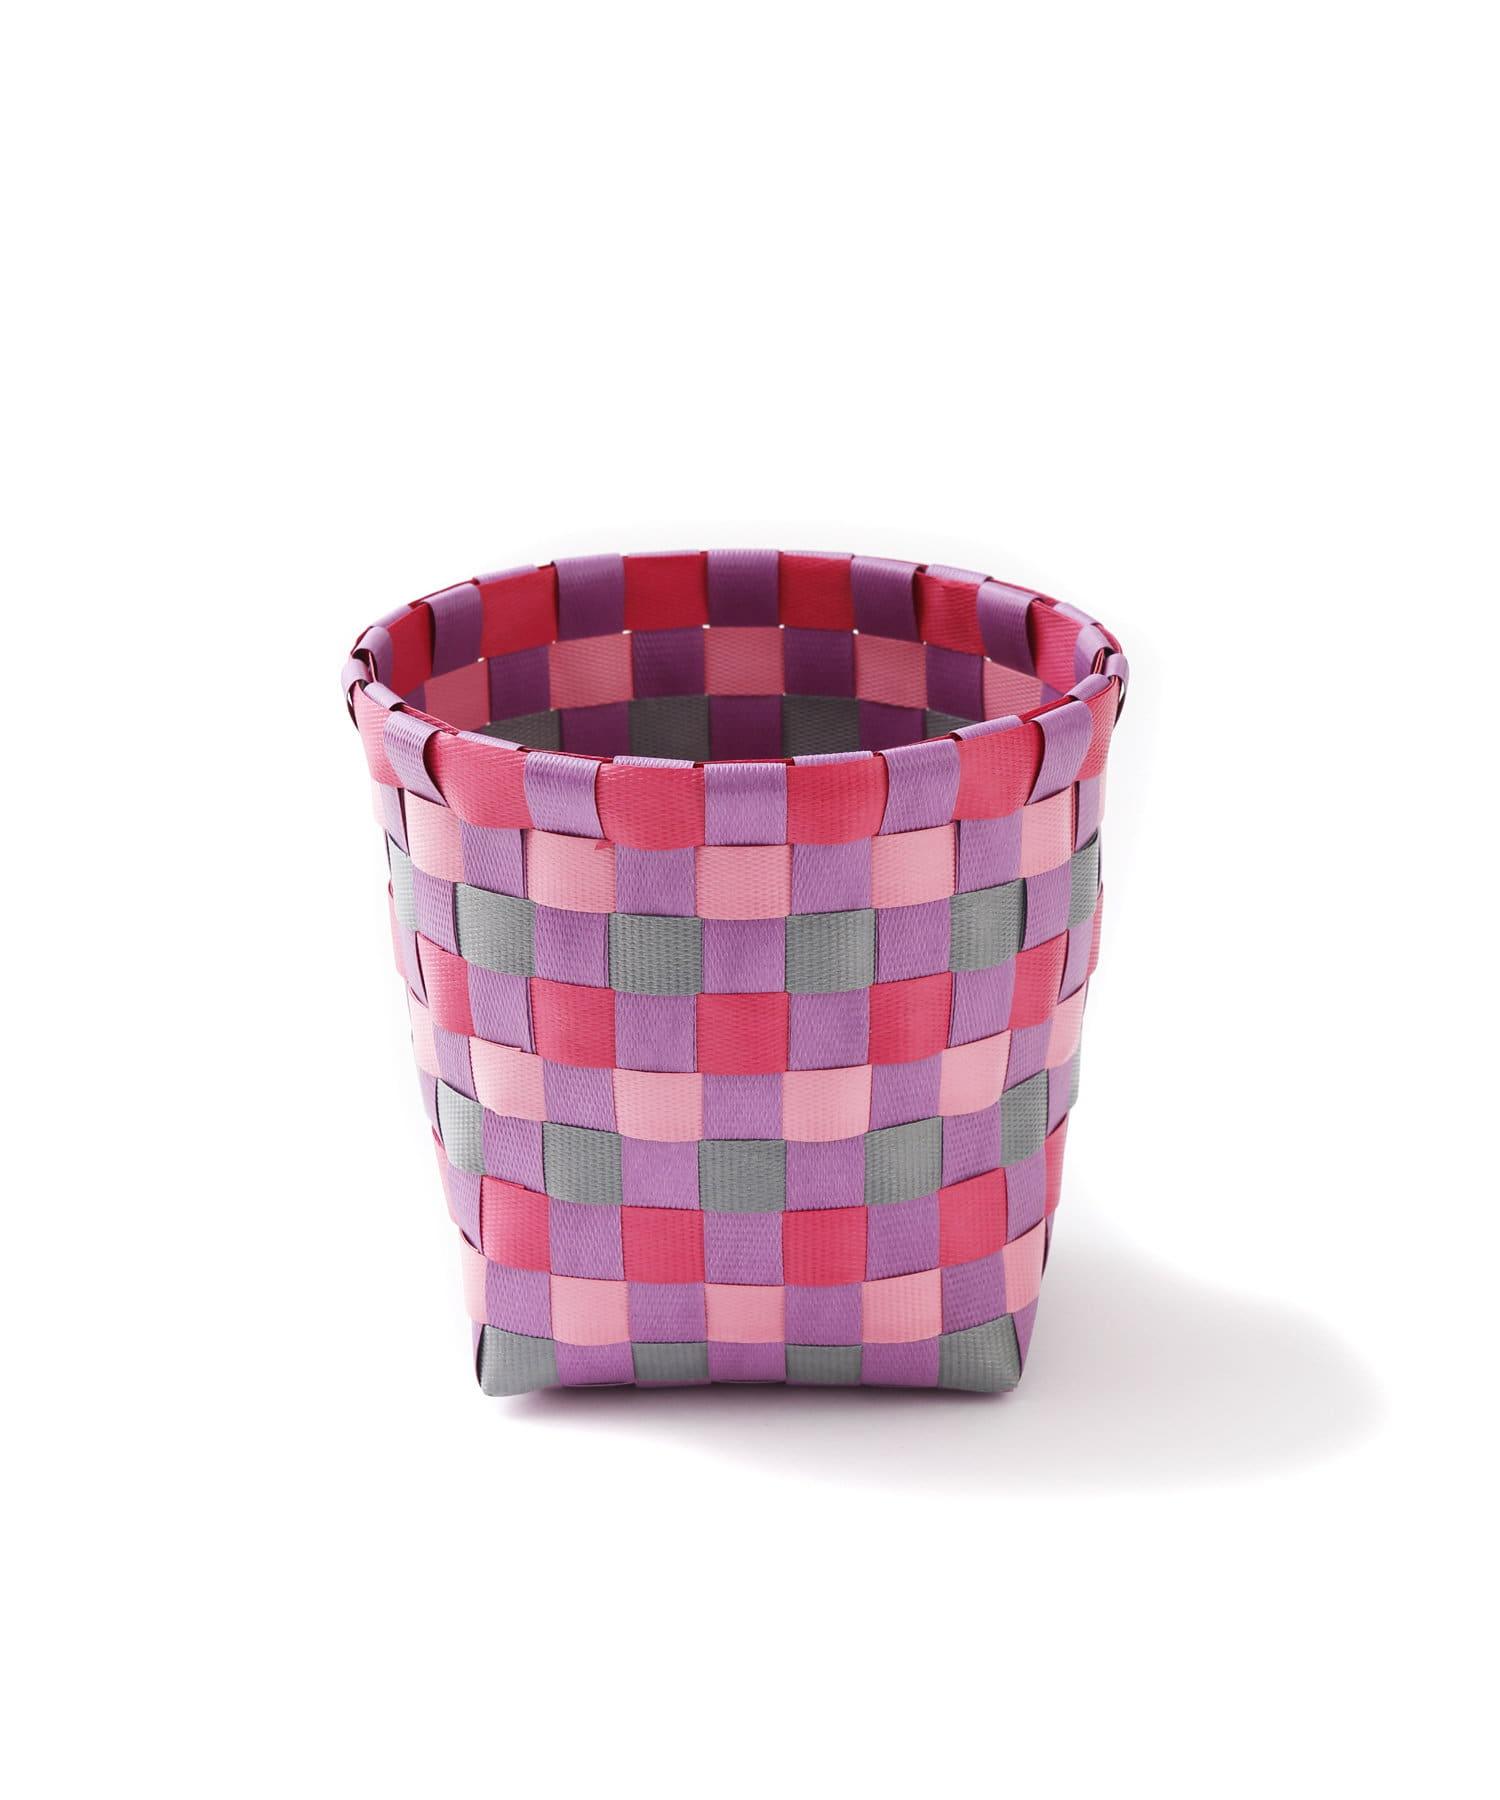 3COINS(スリーコインズ) ライフスタイル 【ASOKO】編み込みボックス(Mサイズ) ピンク